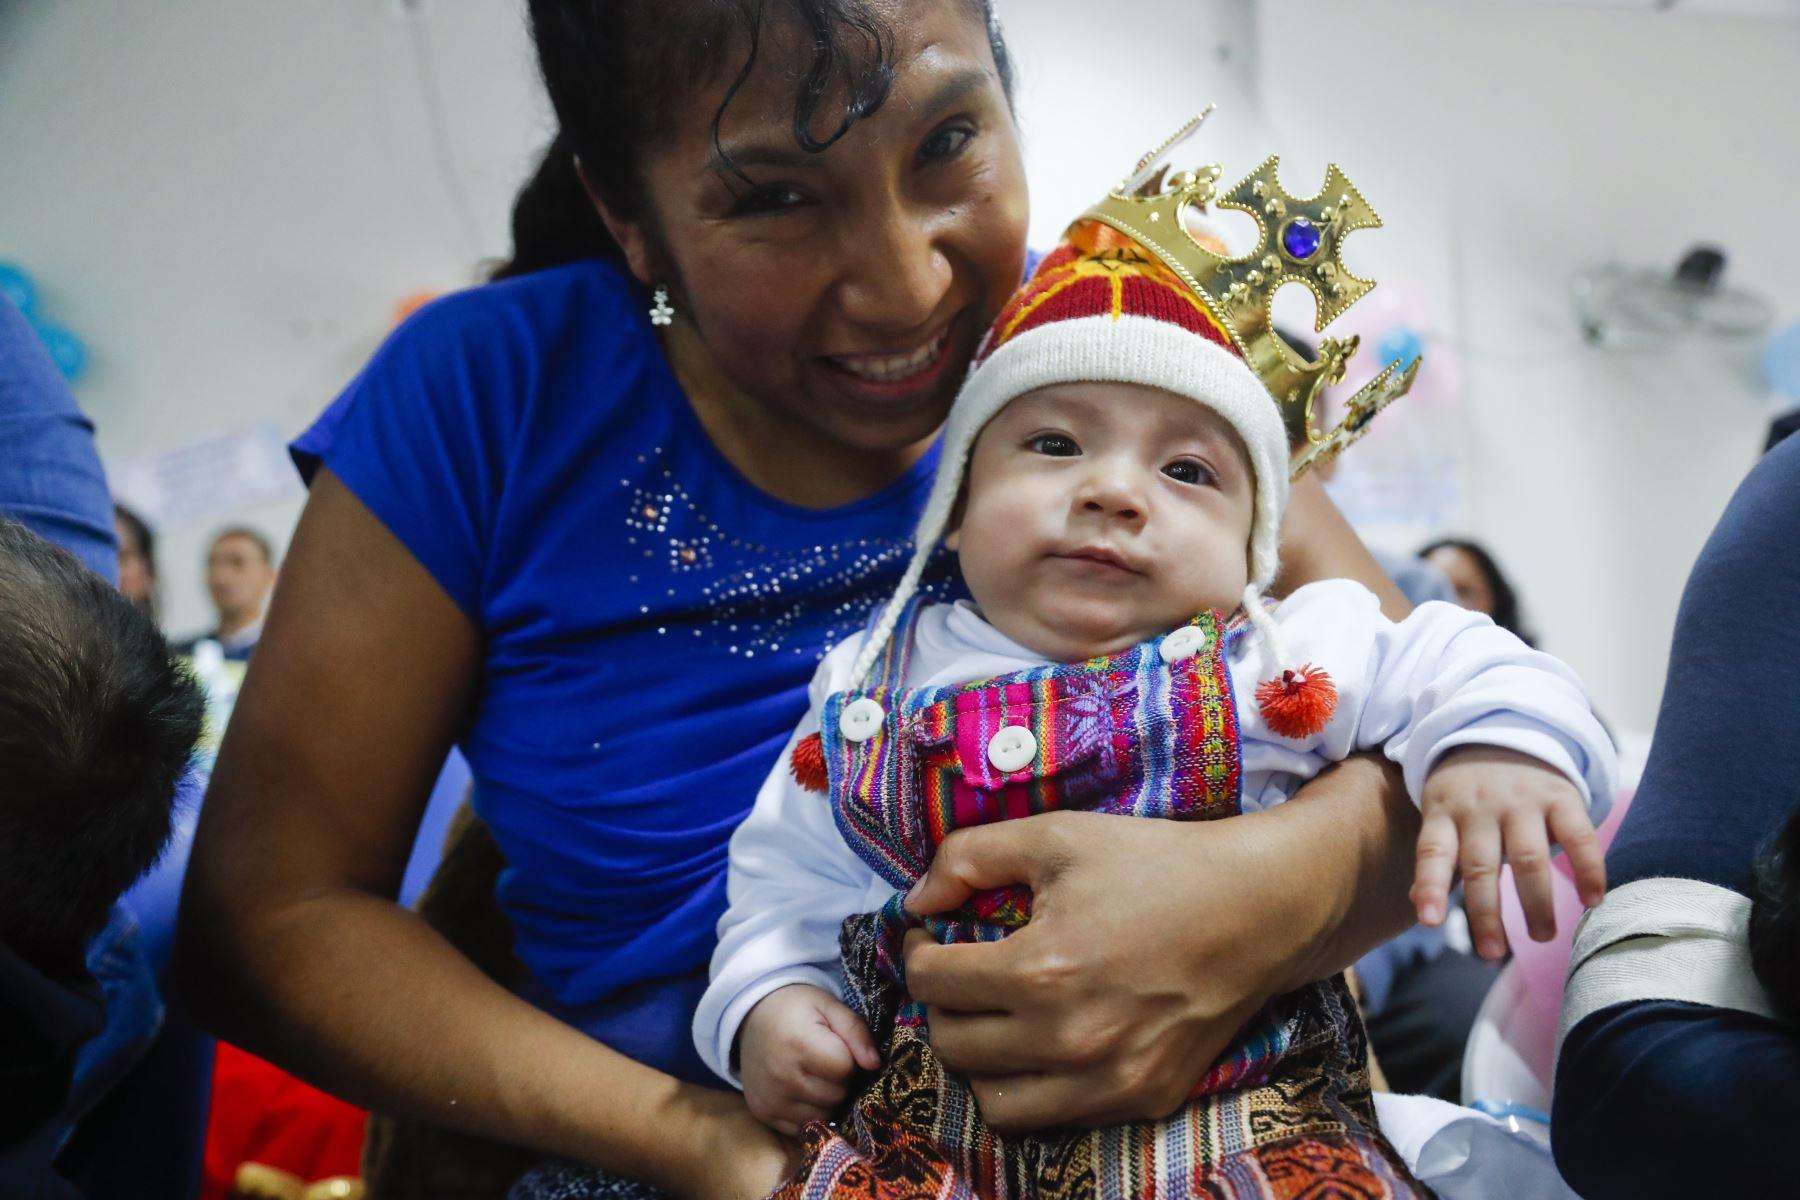 Marcelo Contretas López de 5 meses fue un con un traje llamativo a concursar junto a su mamita Ester López. Foto: ANDINA/Josue Ramos